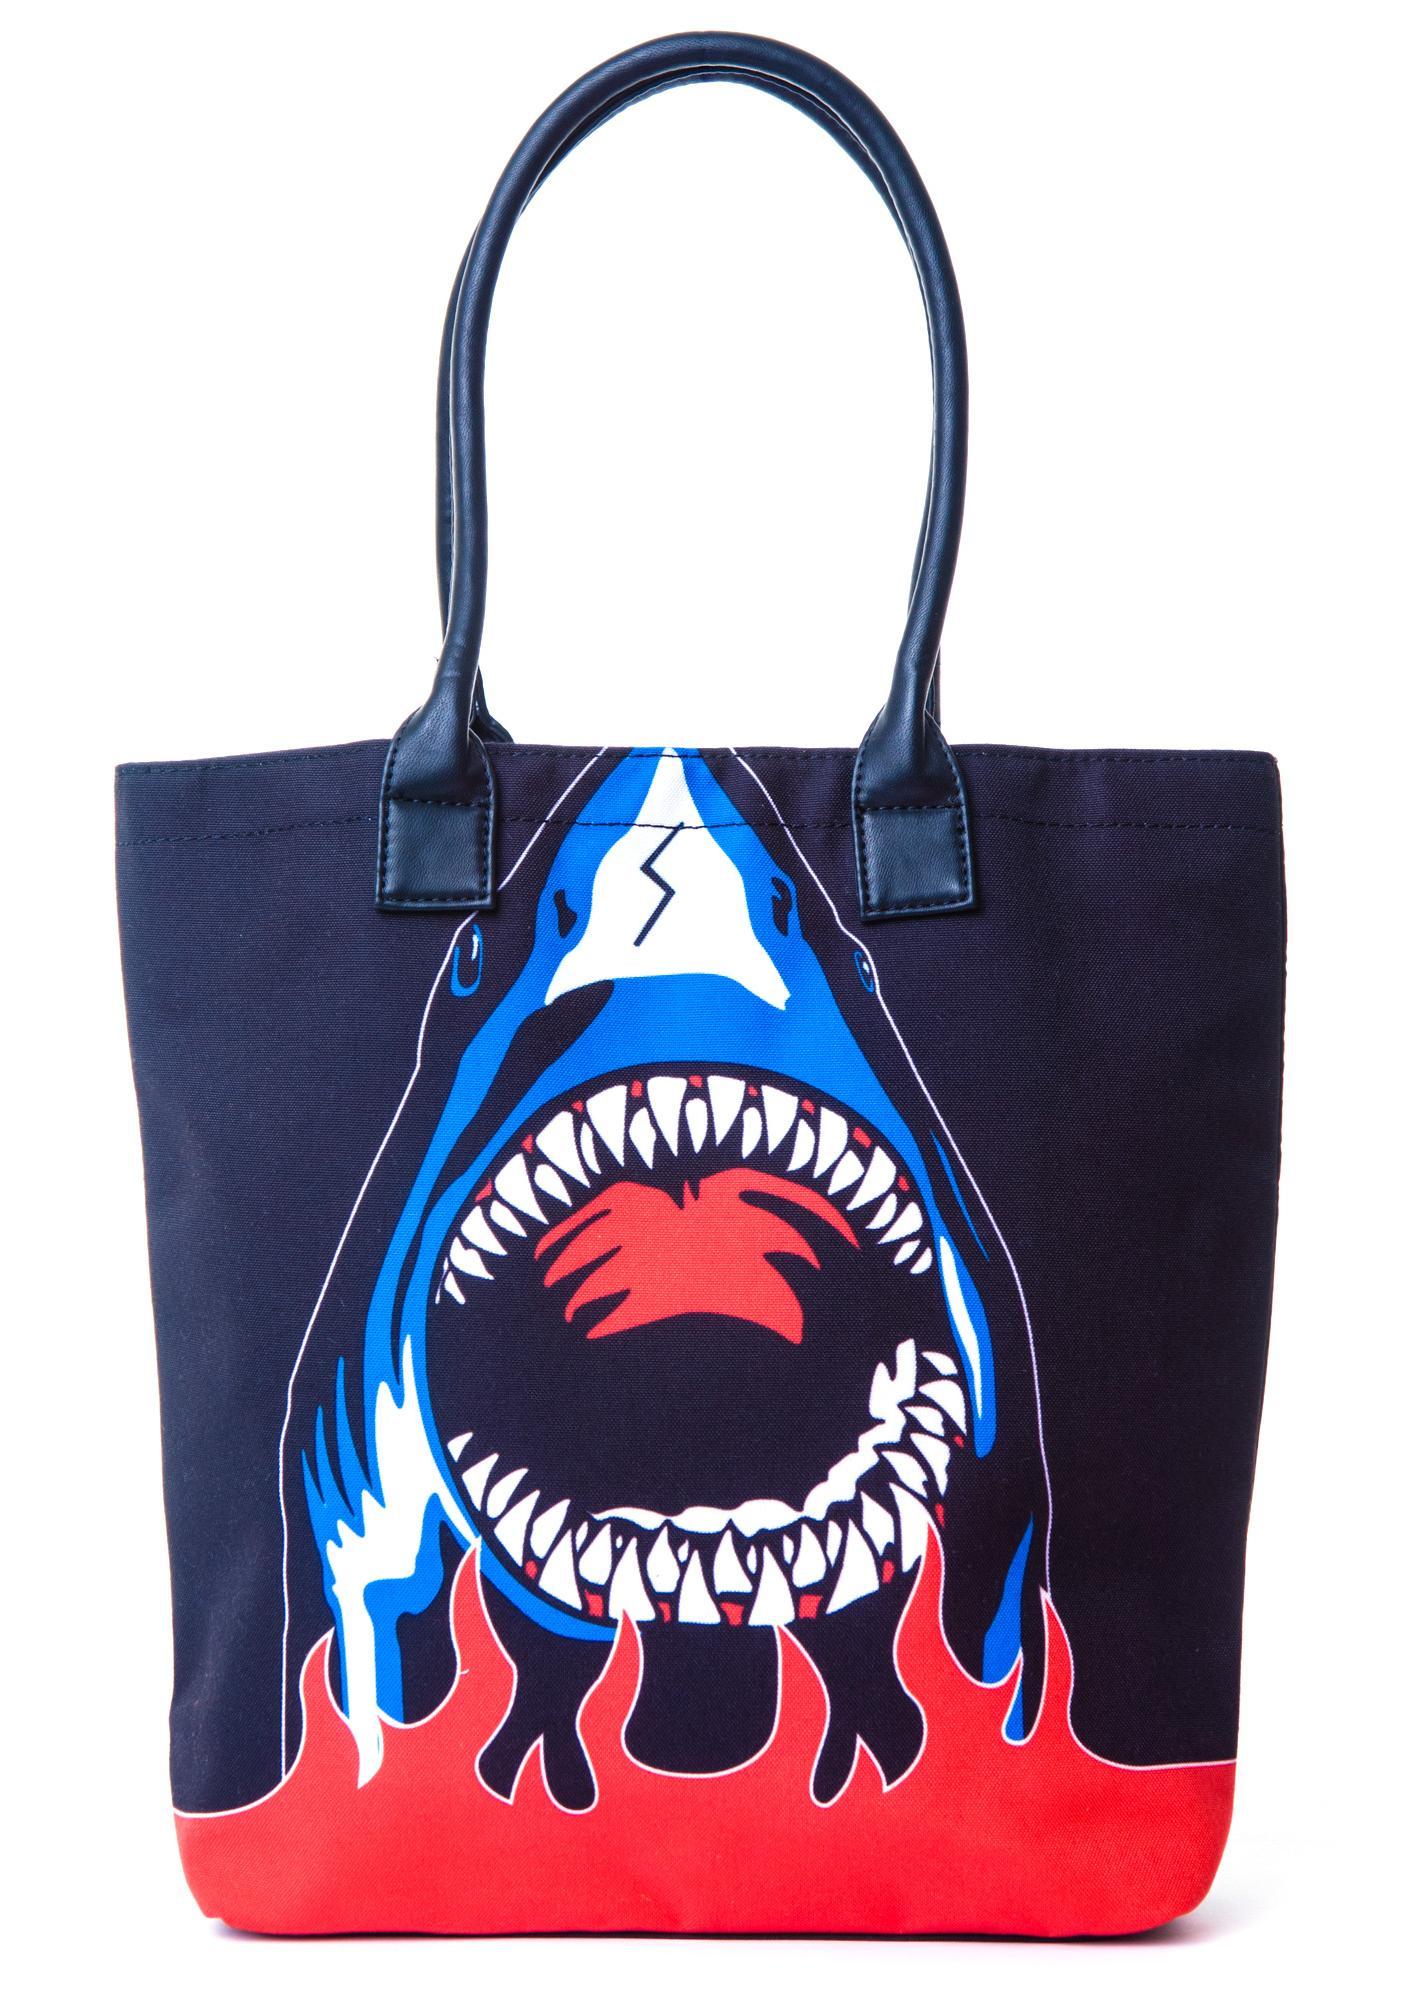 Halfman Romantics Shark Attack Tote Bag